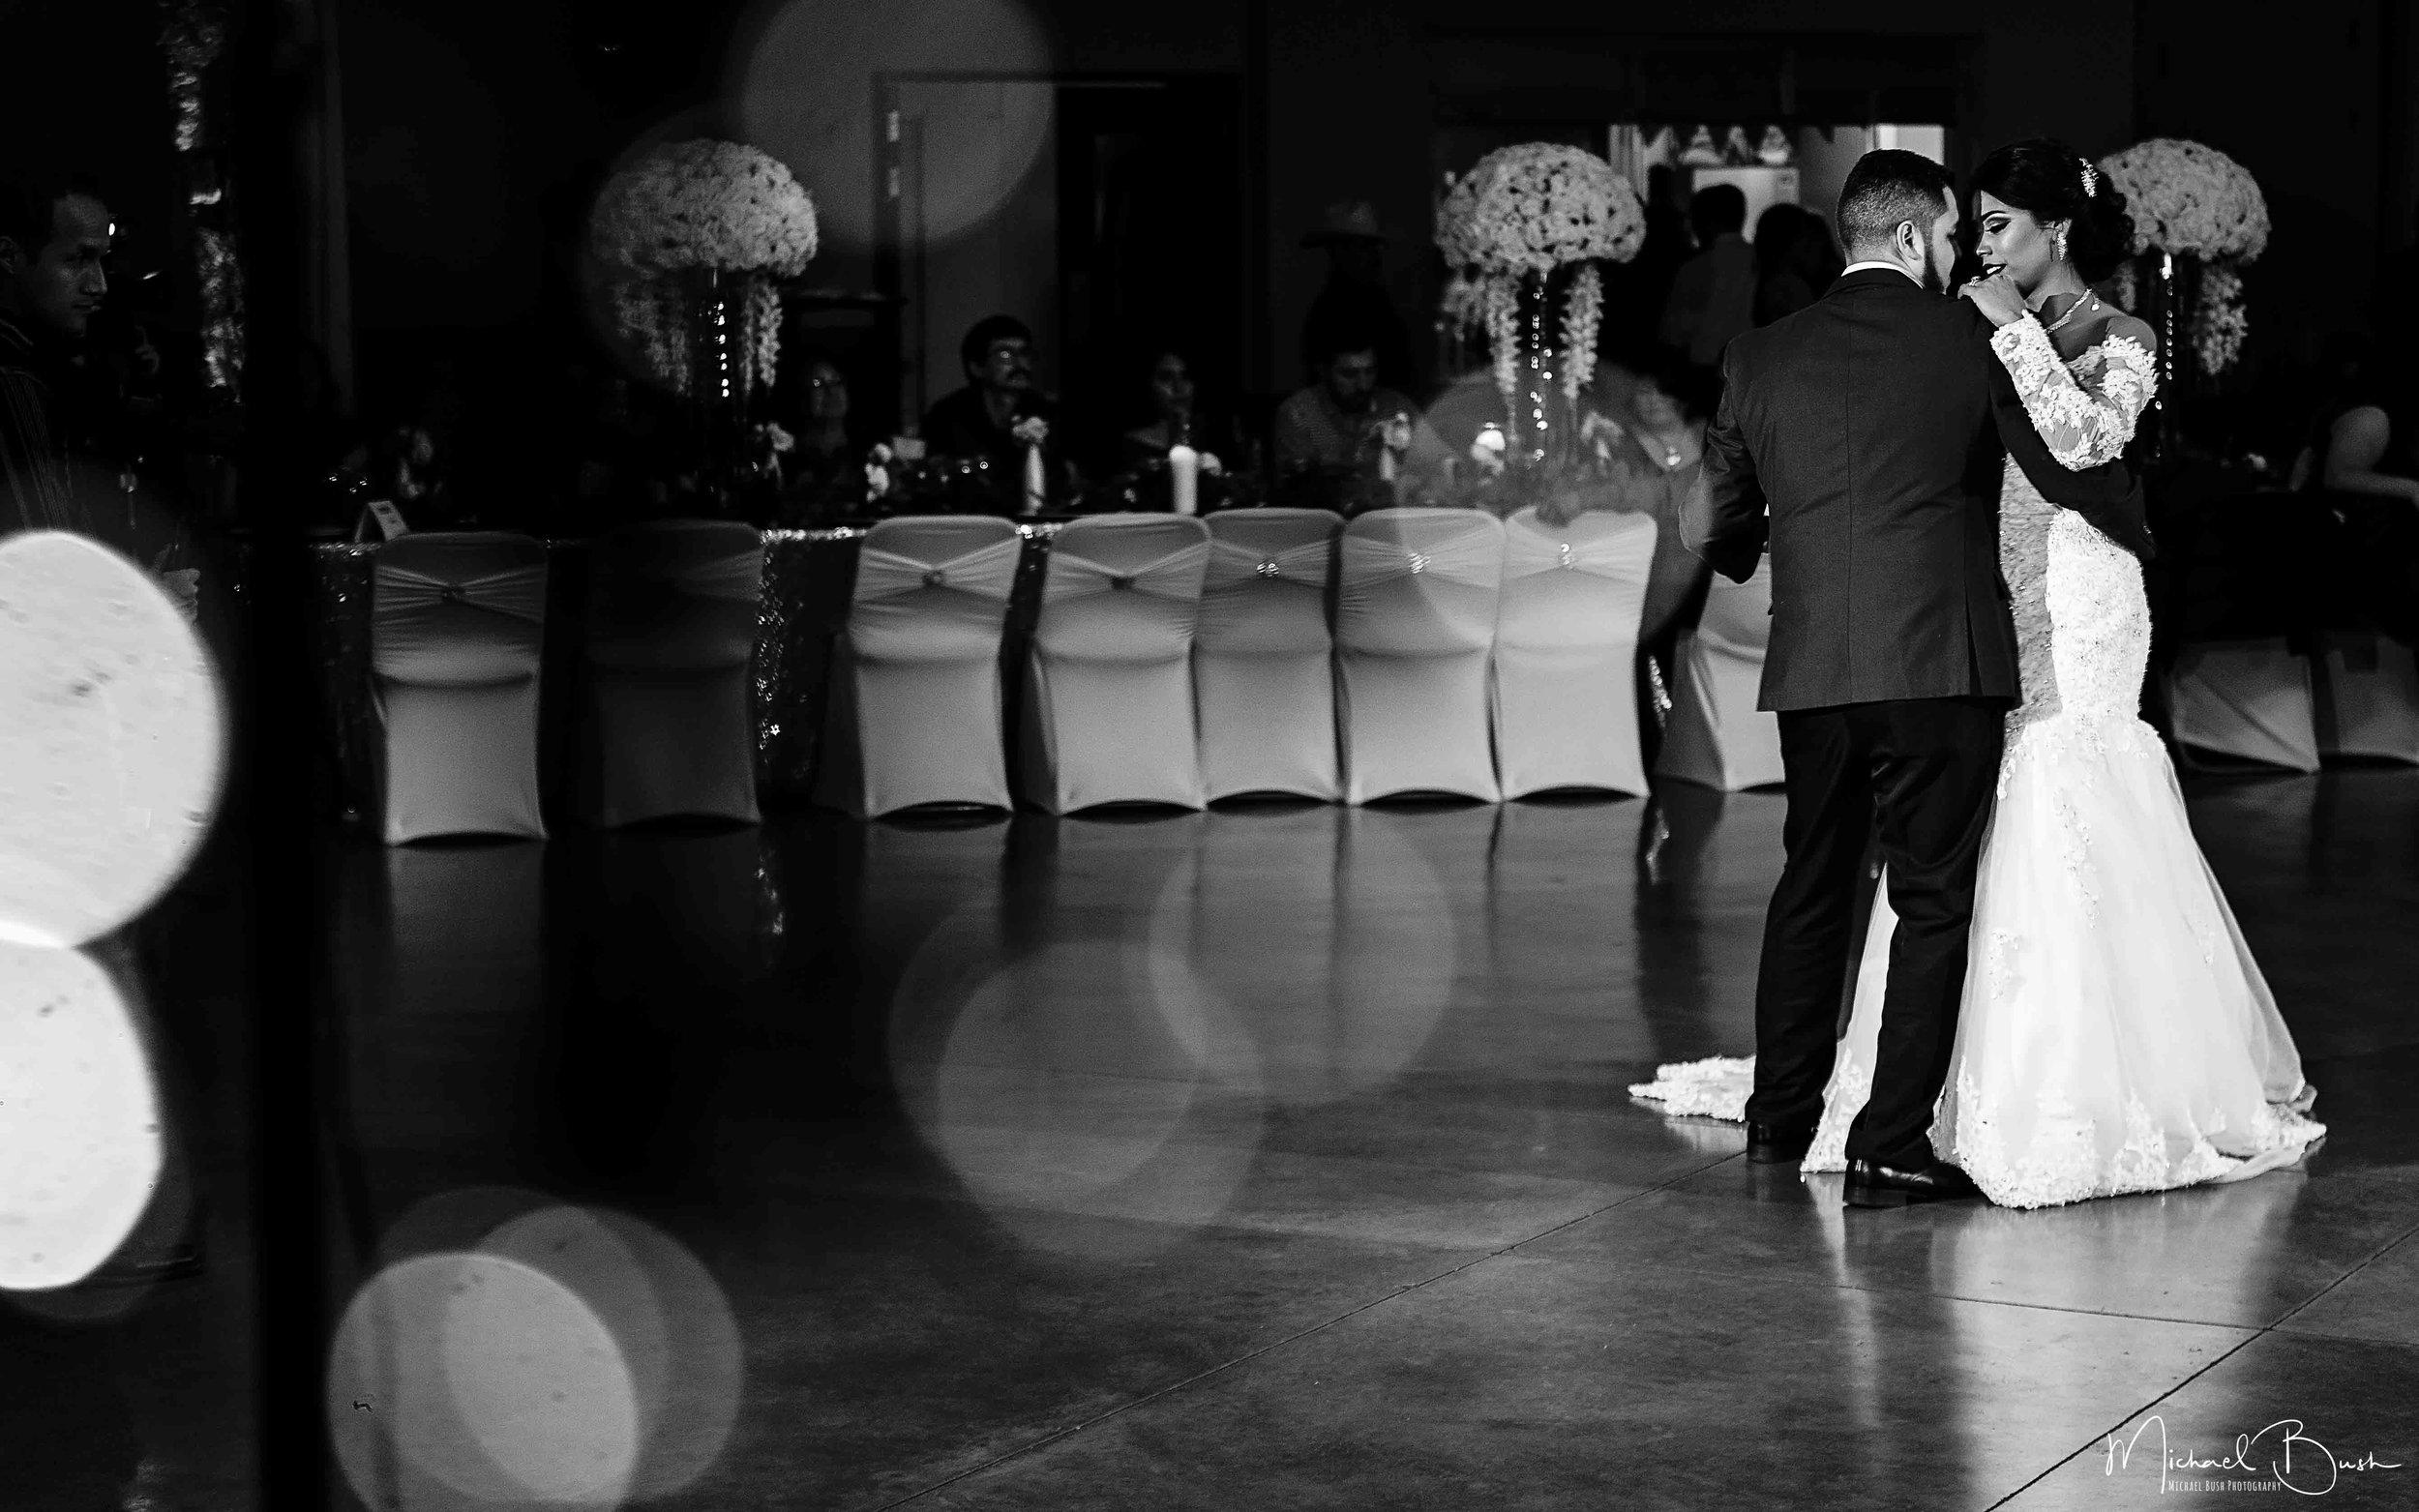 Wedding-Reception-Detials-Fort-Worth-Venue-canon-200-firstdance-B&w.jpg